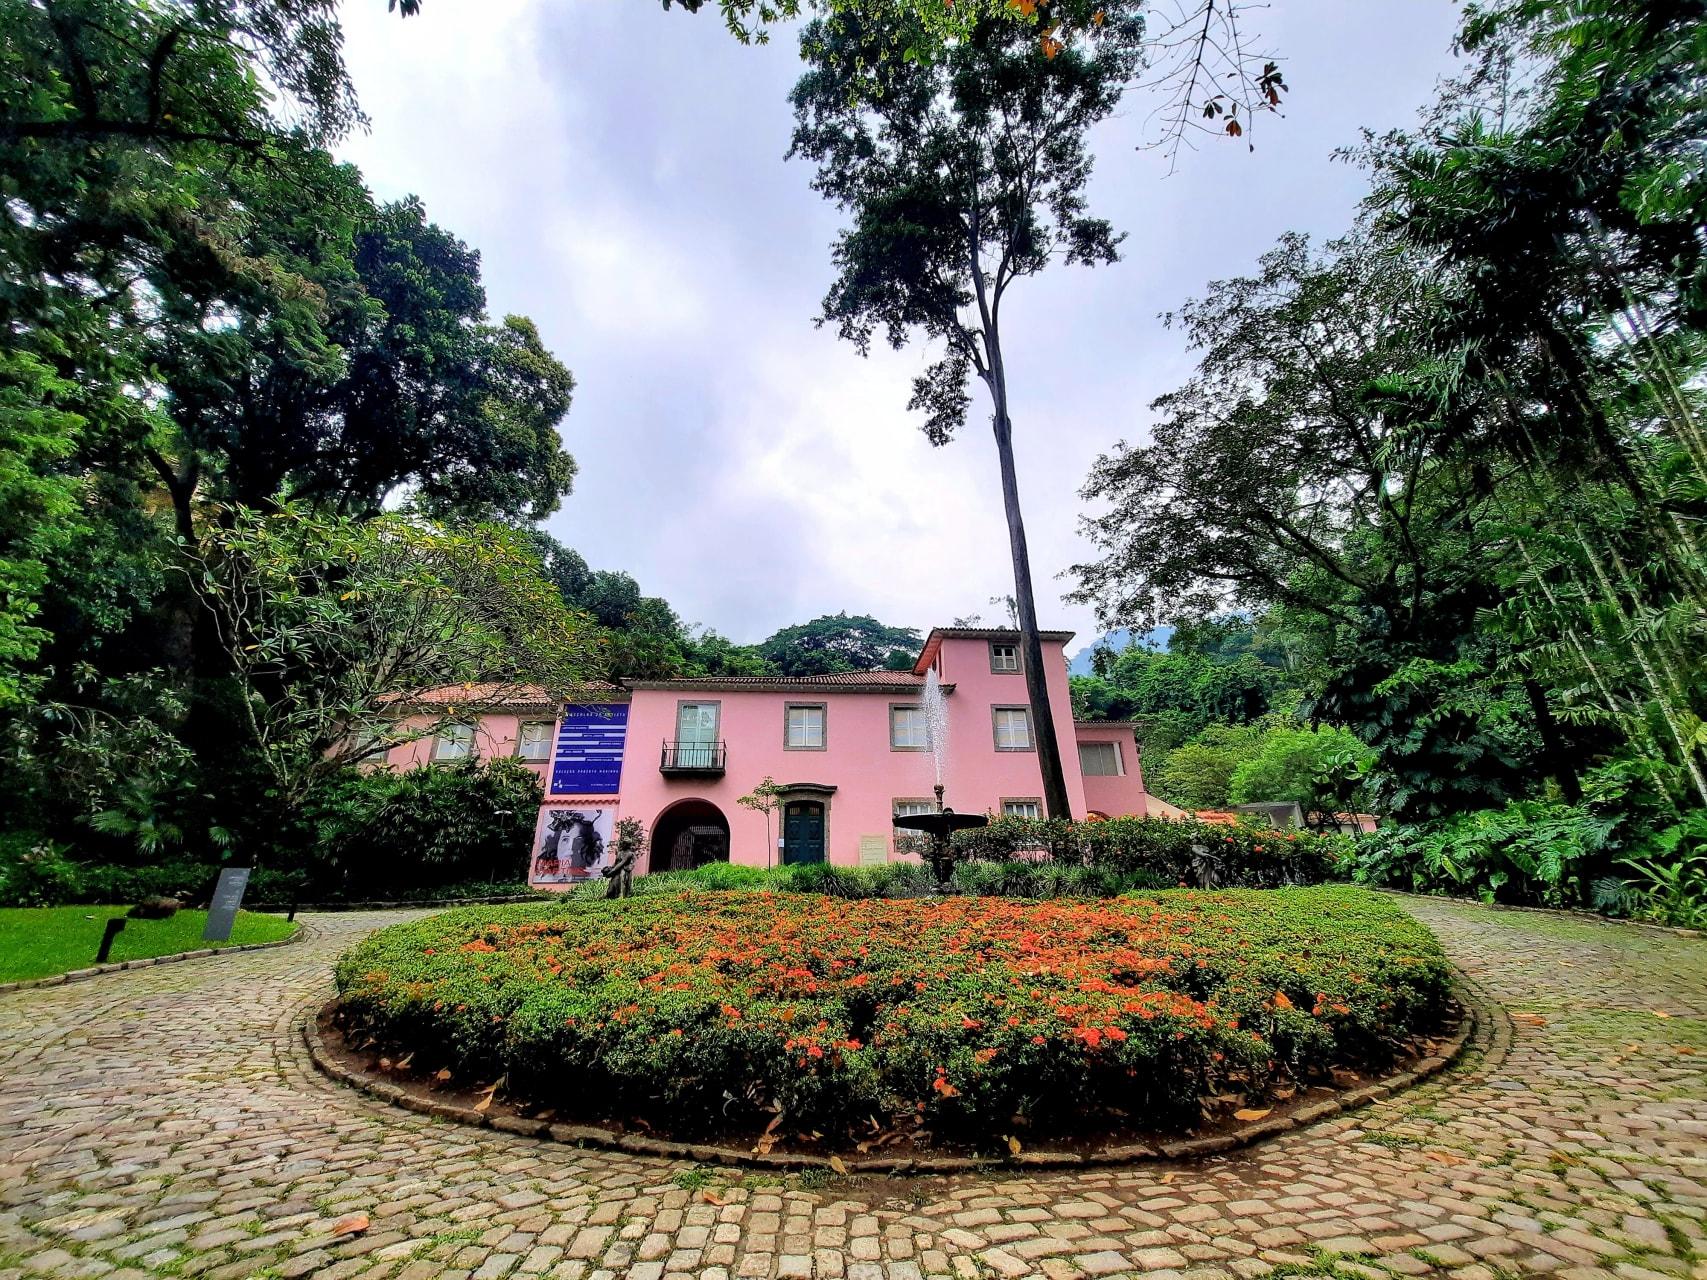 Rio de Janeiro - Roberto Marinho's House and Art Collection in Rio de Janeiro